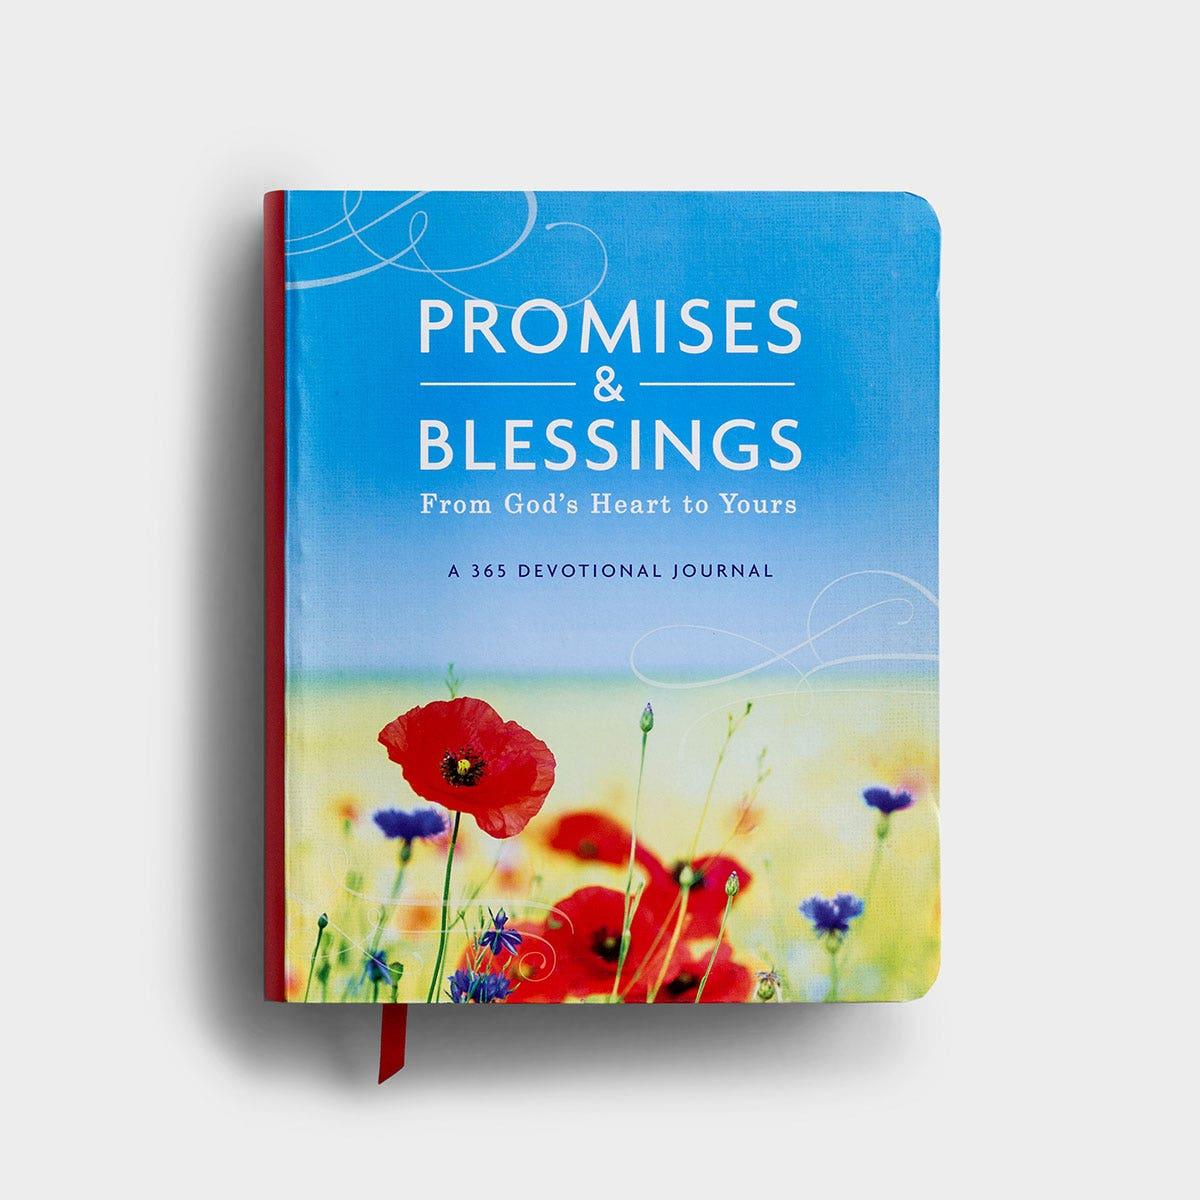 Promises & Blessings - Devotional Journal